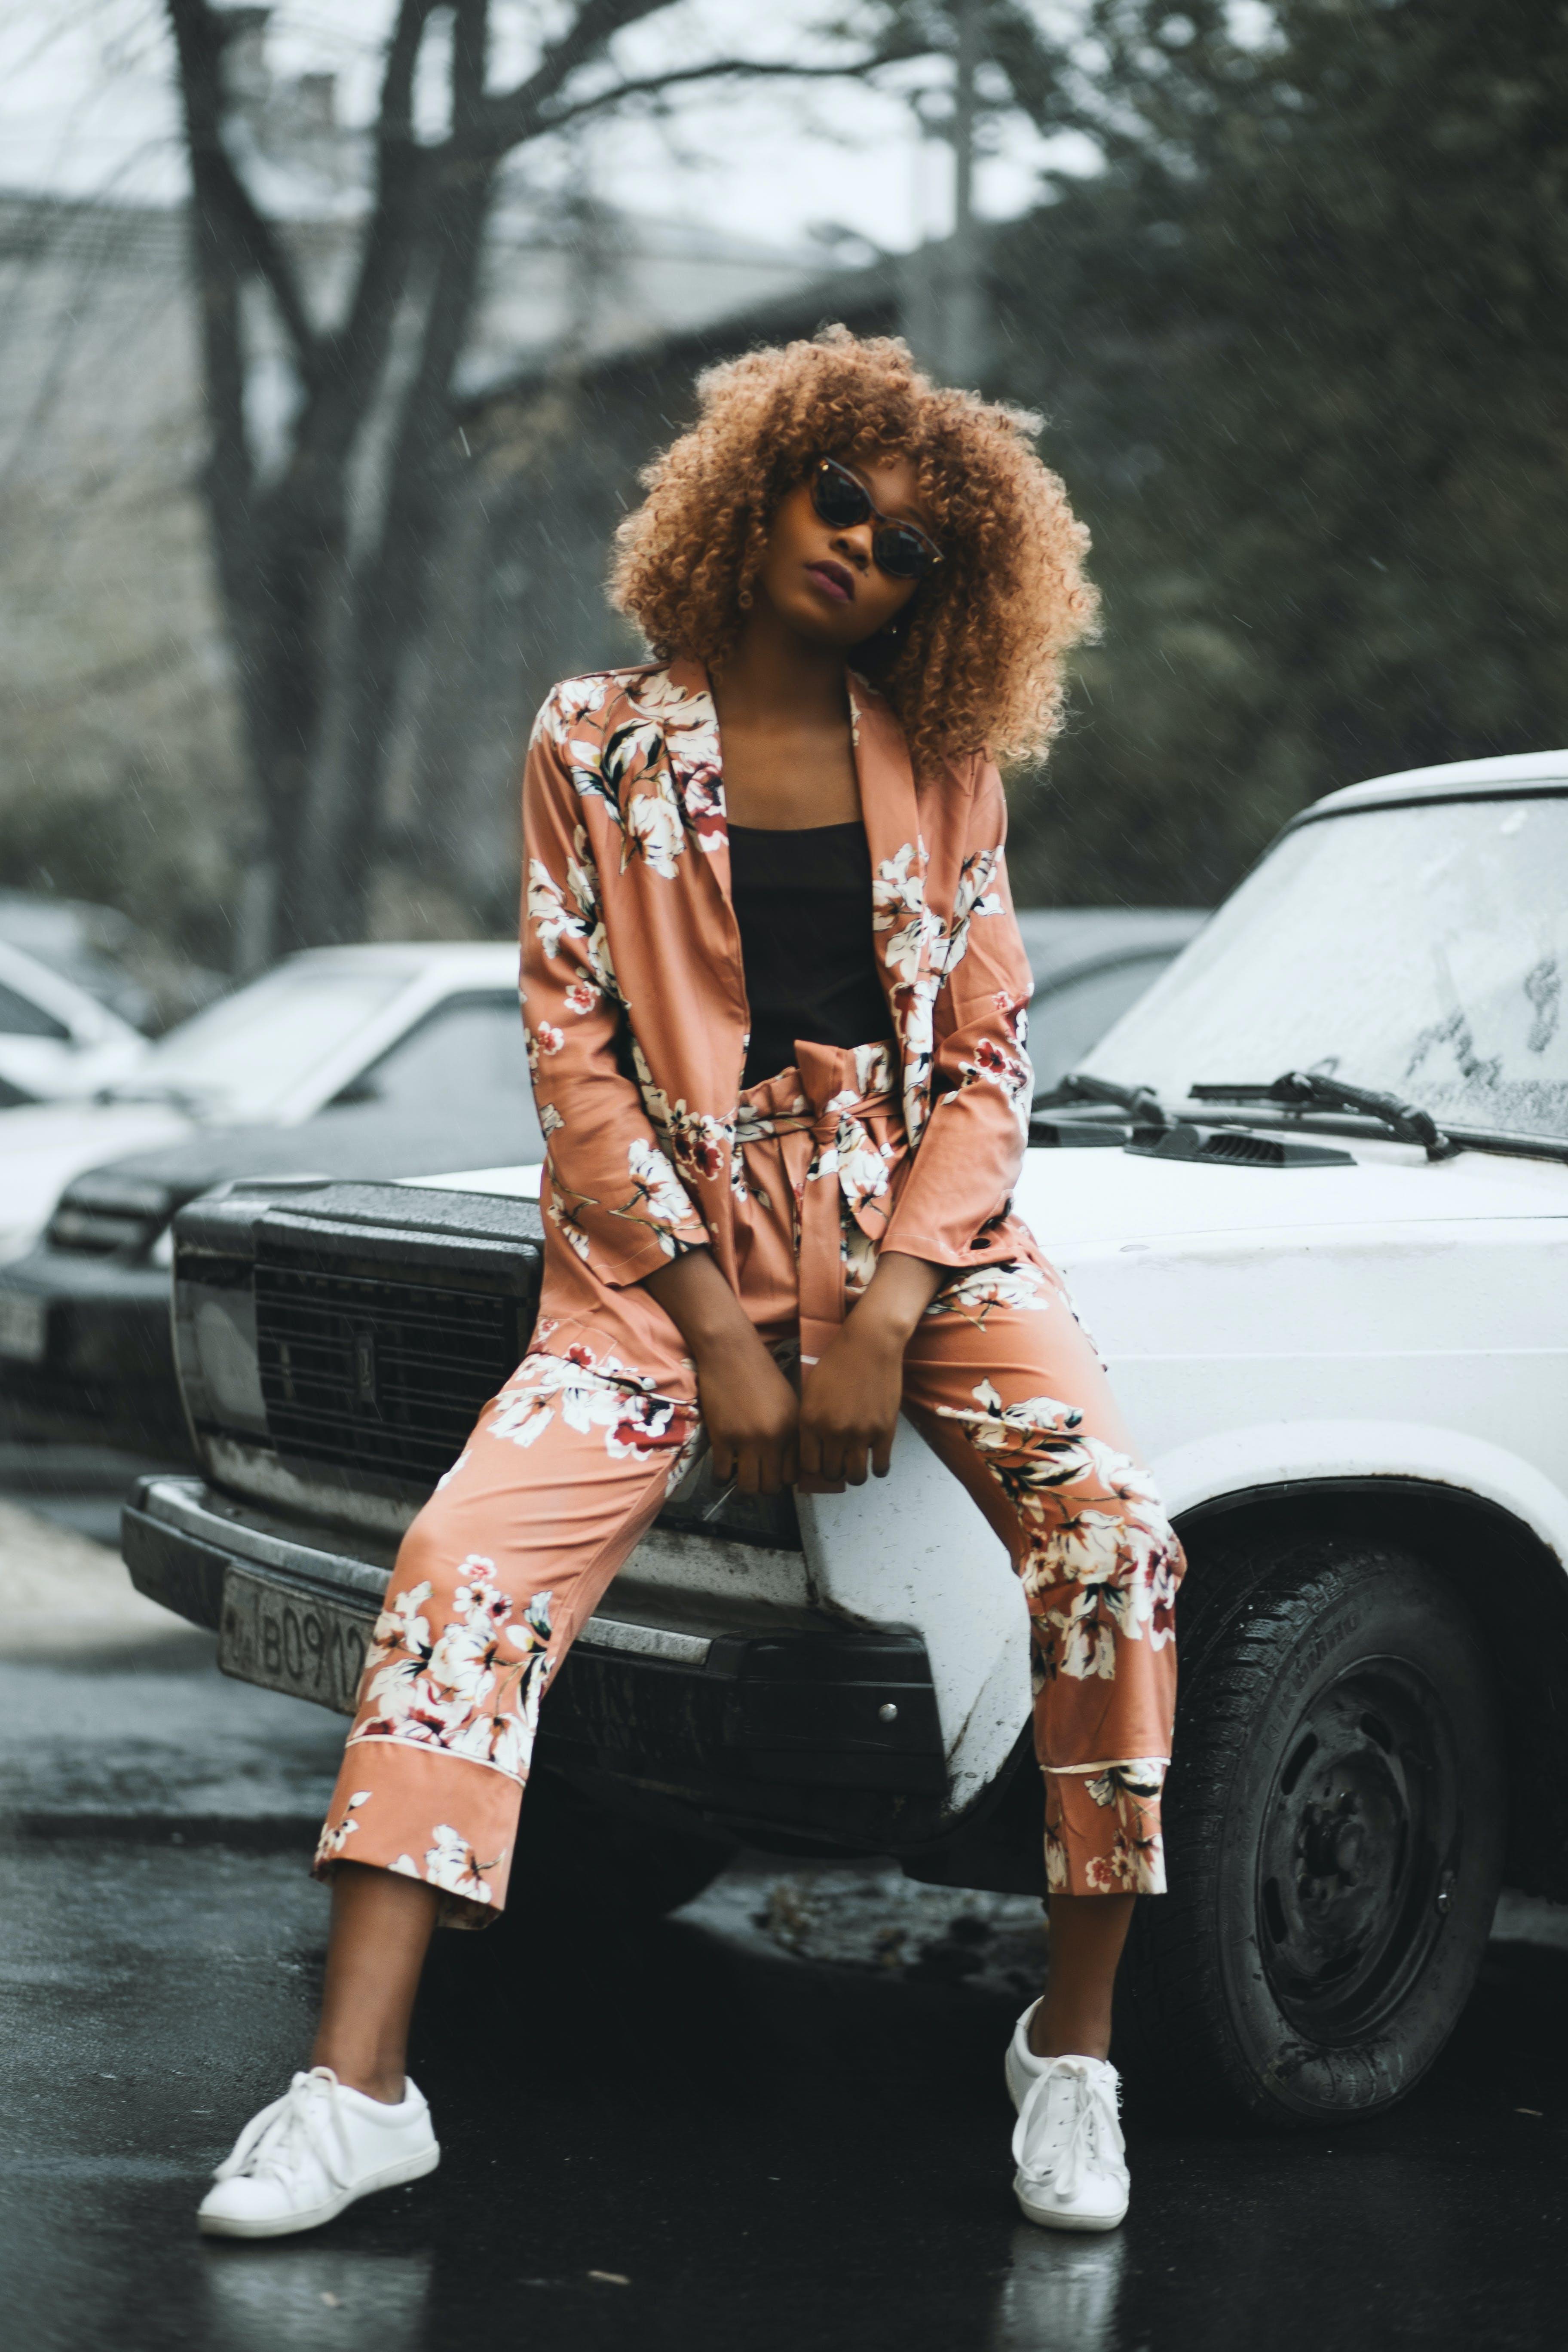 Kostenloses Stock Foto zu autos, fashion, person, frau